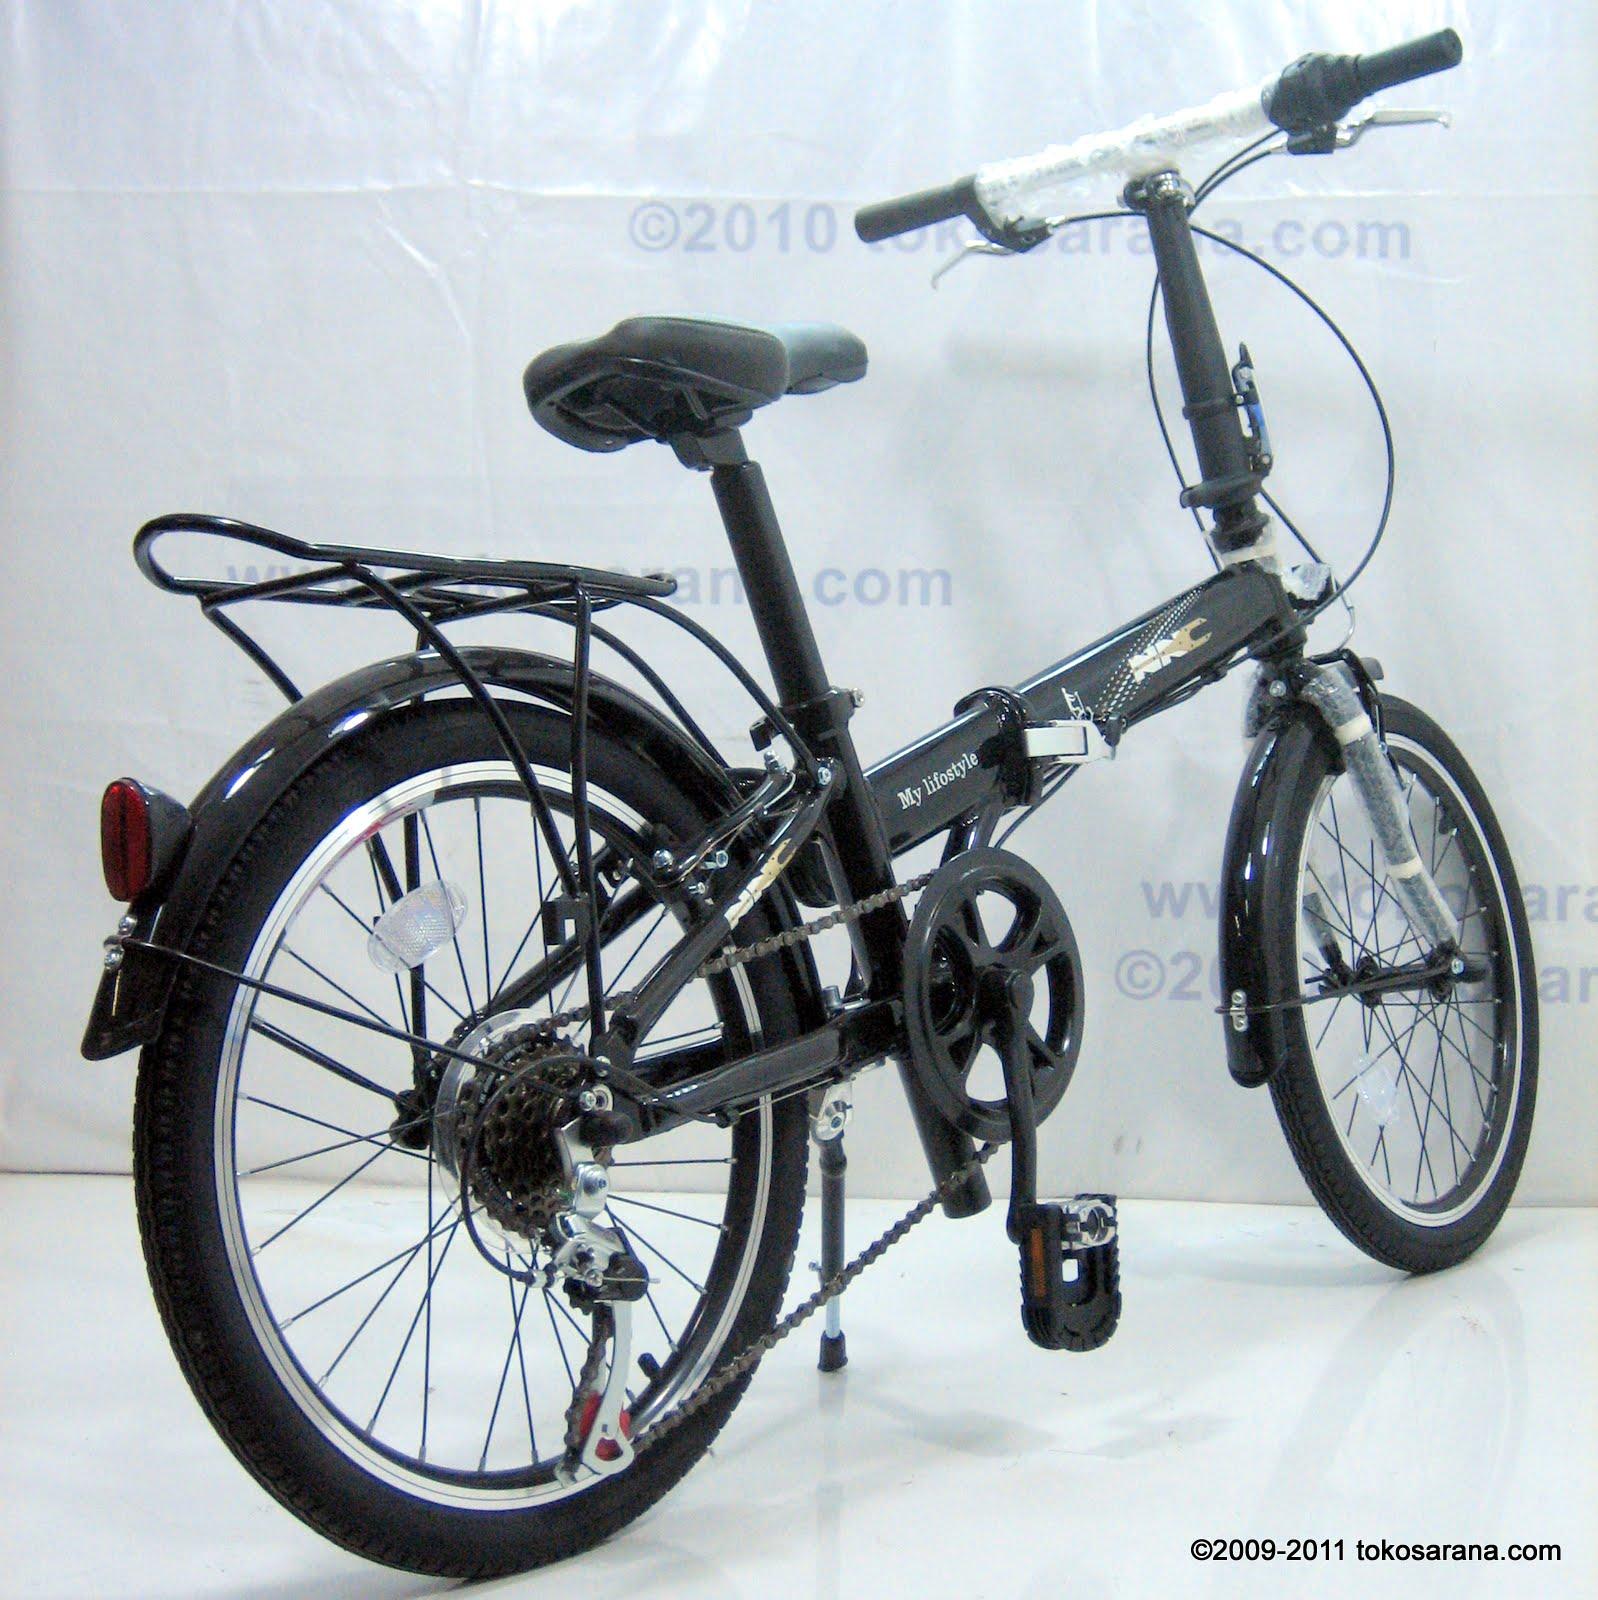 TokosaranaTMJakarta Jatinegara Sepeda Lipat NNC My